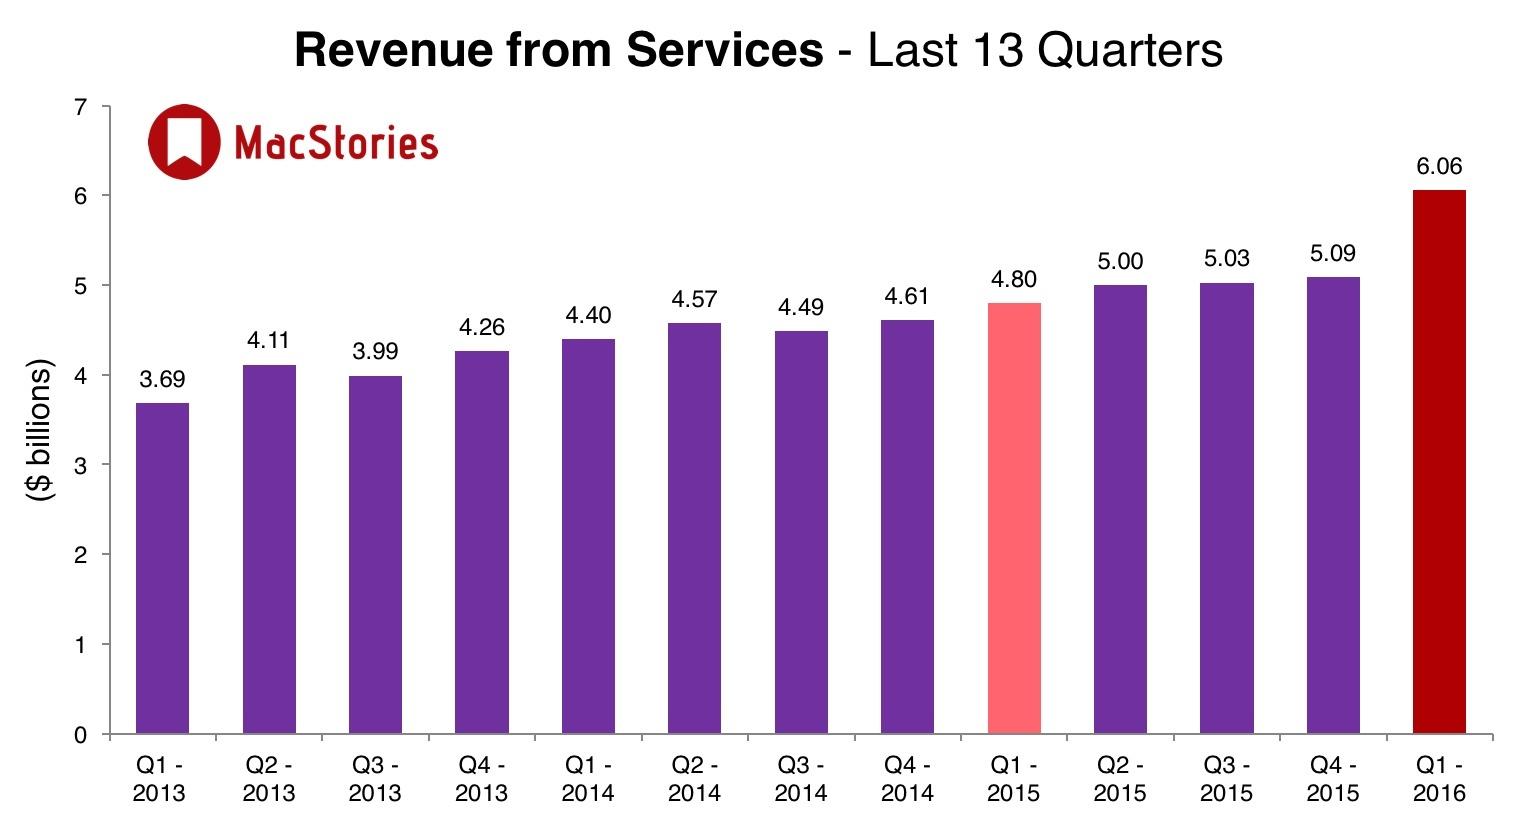 przychody z usług Apple